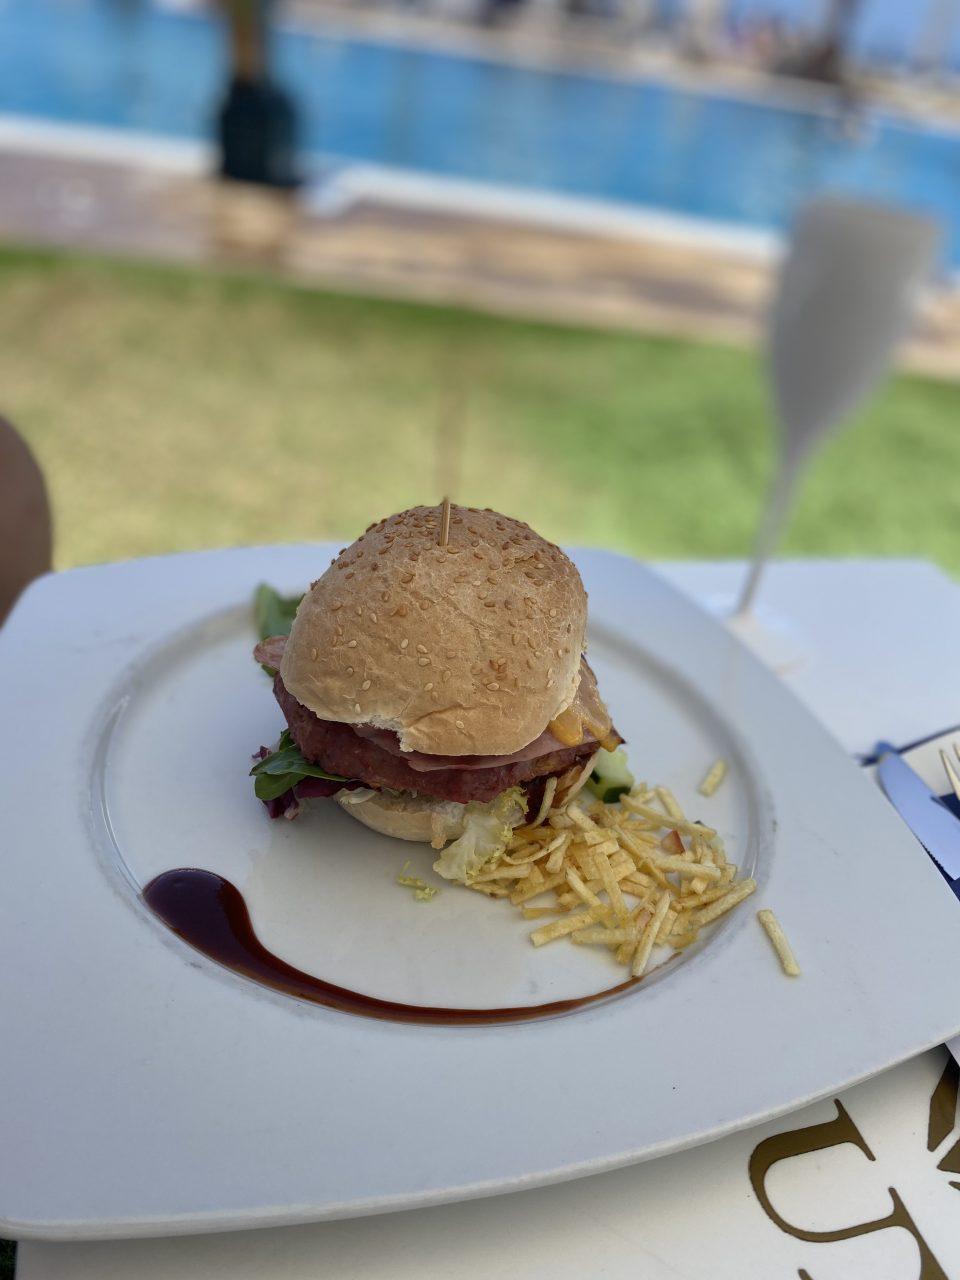 Si la hamburguesa tiene colágeno en cantidad abundante, es señal de que se ha picado carne con muchos tendones, de calidad comercial baja.